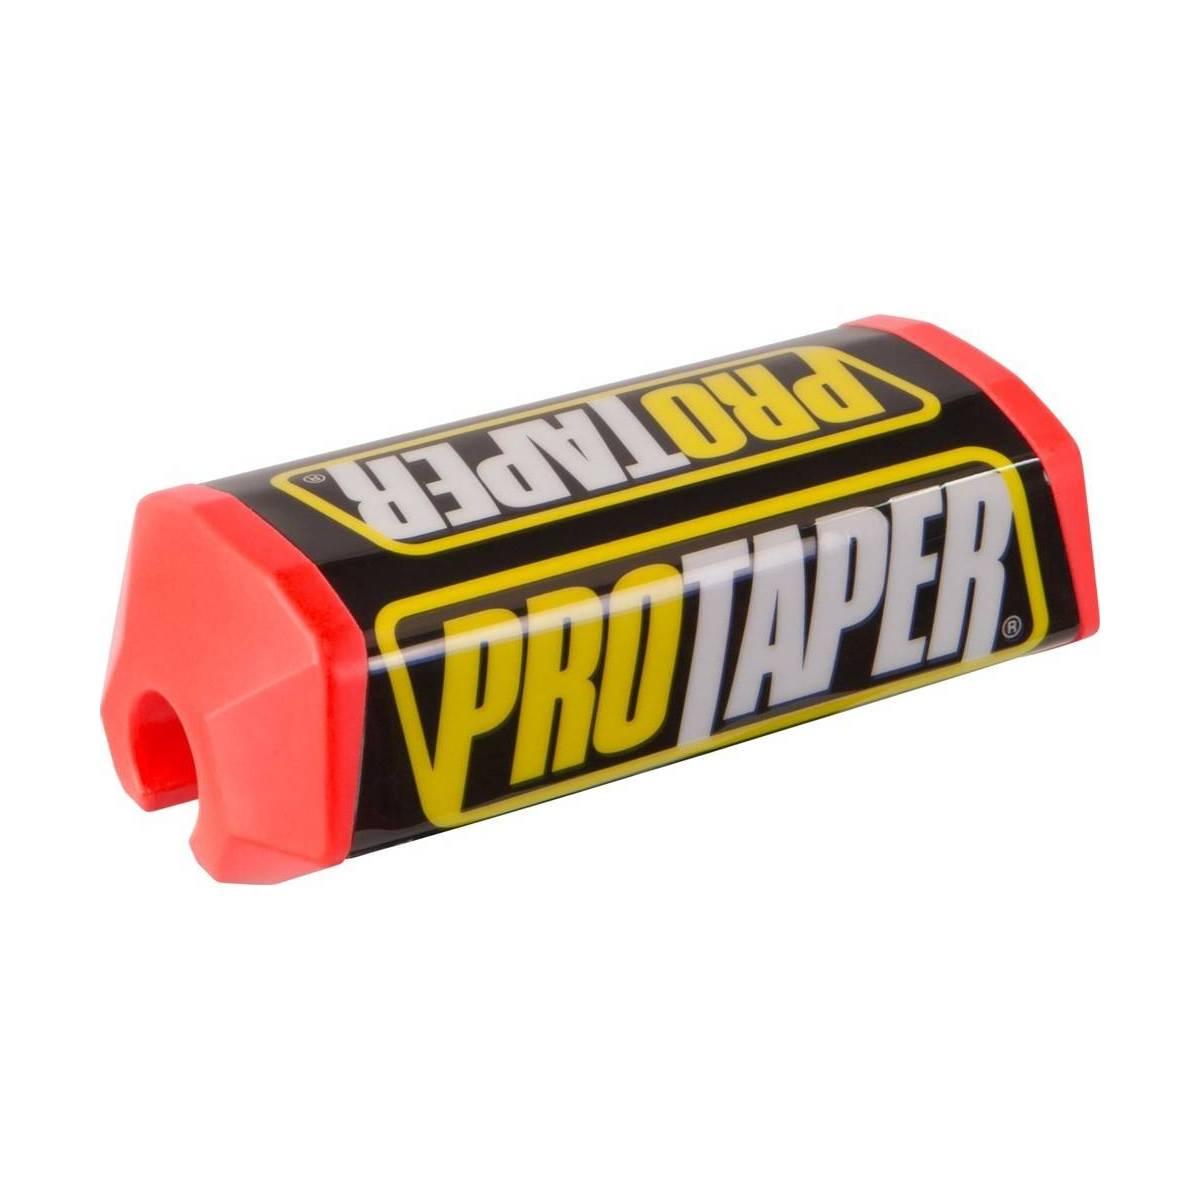 PT02.8397 - Protector Manillar Protaper Rojo